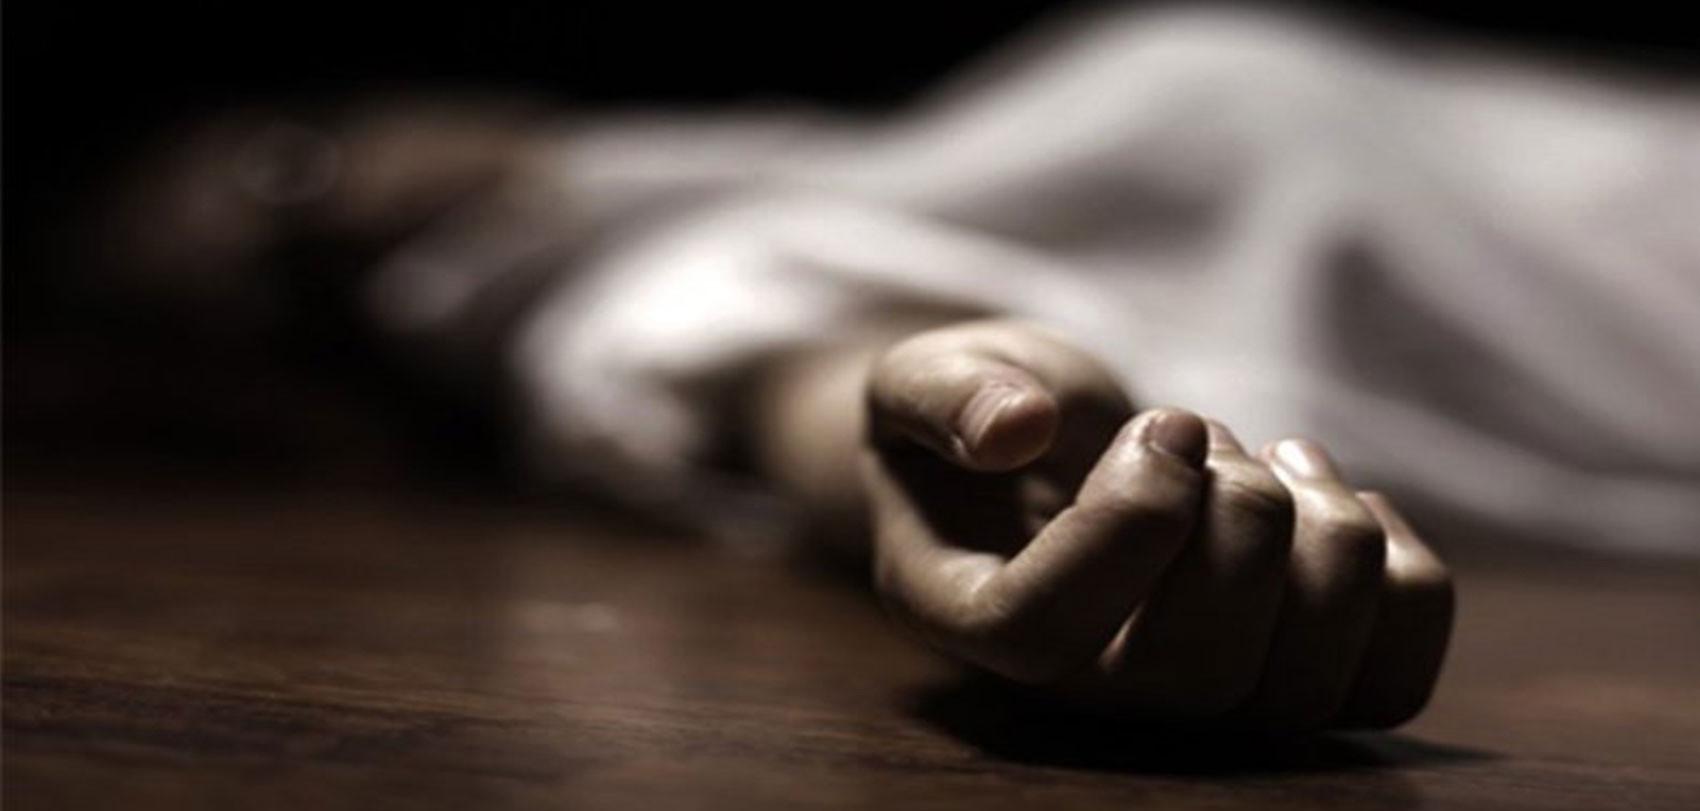 सुर्खेतमा भारतबाट आएका १ युवकको मृत्यु